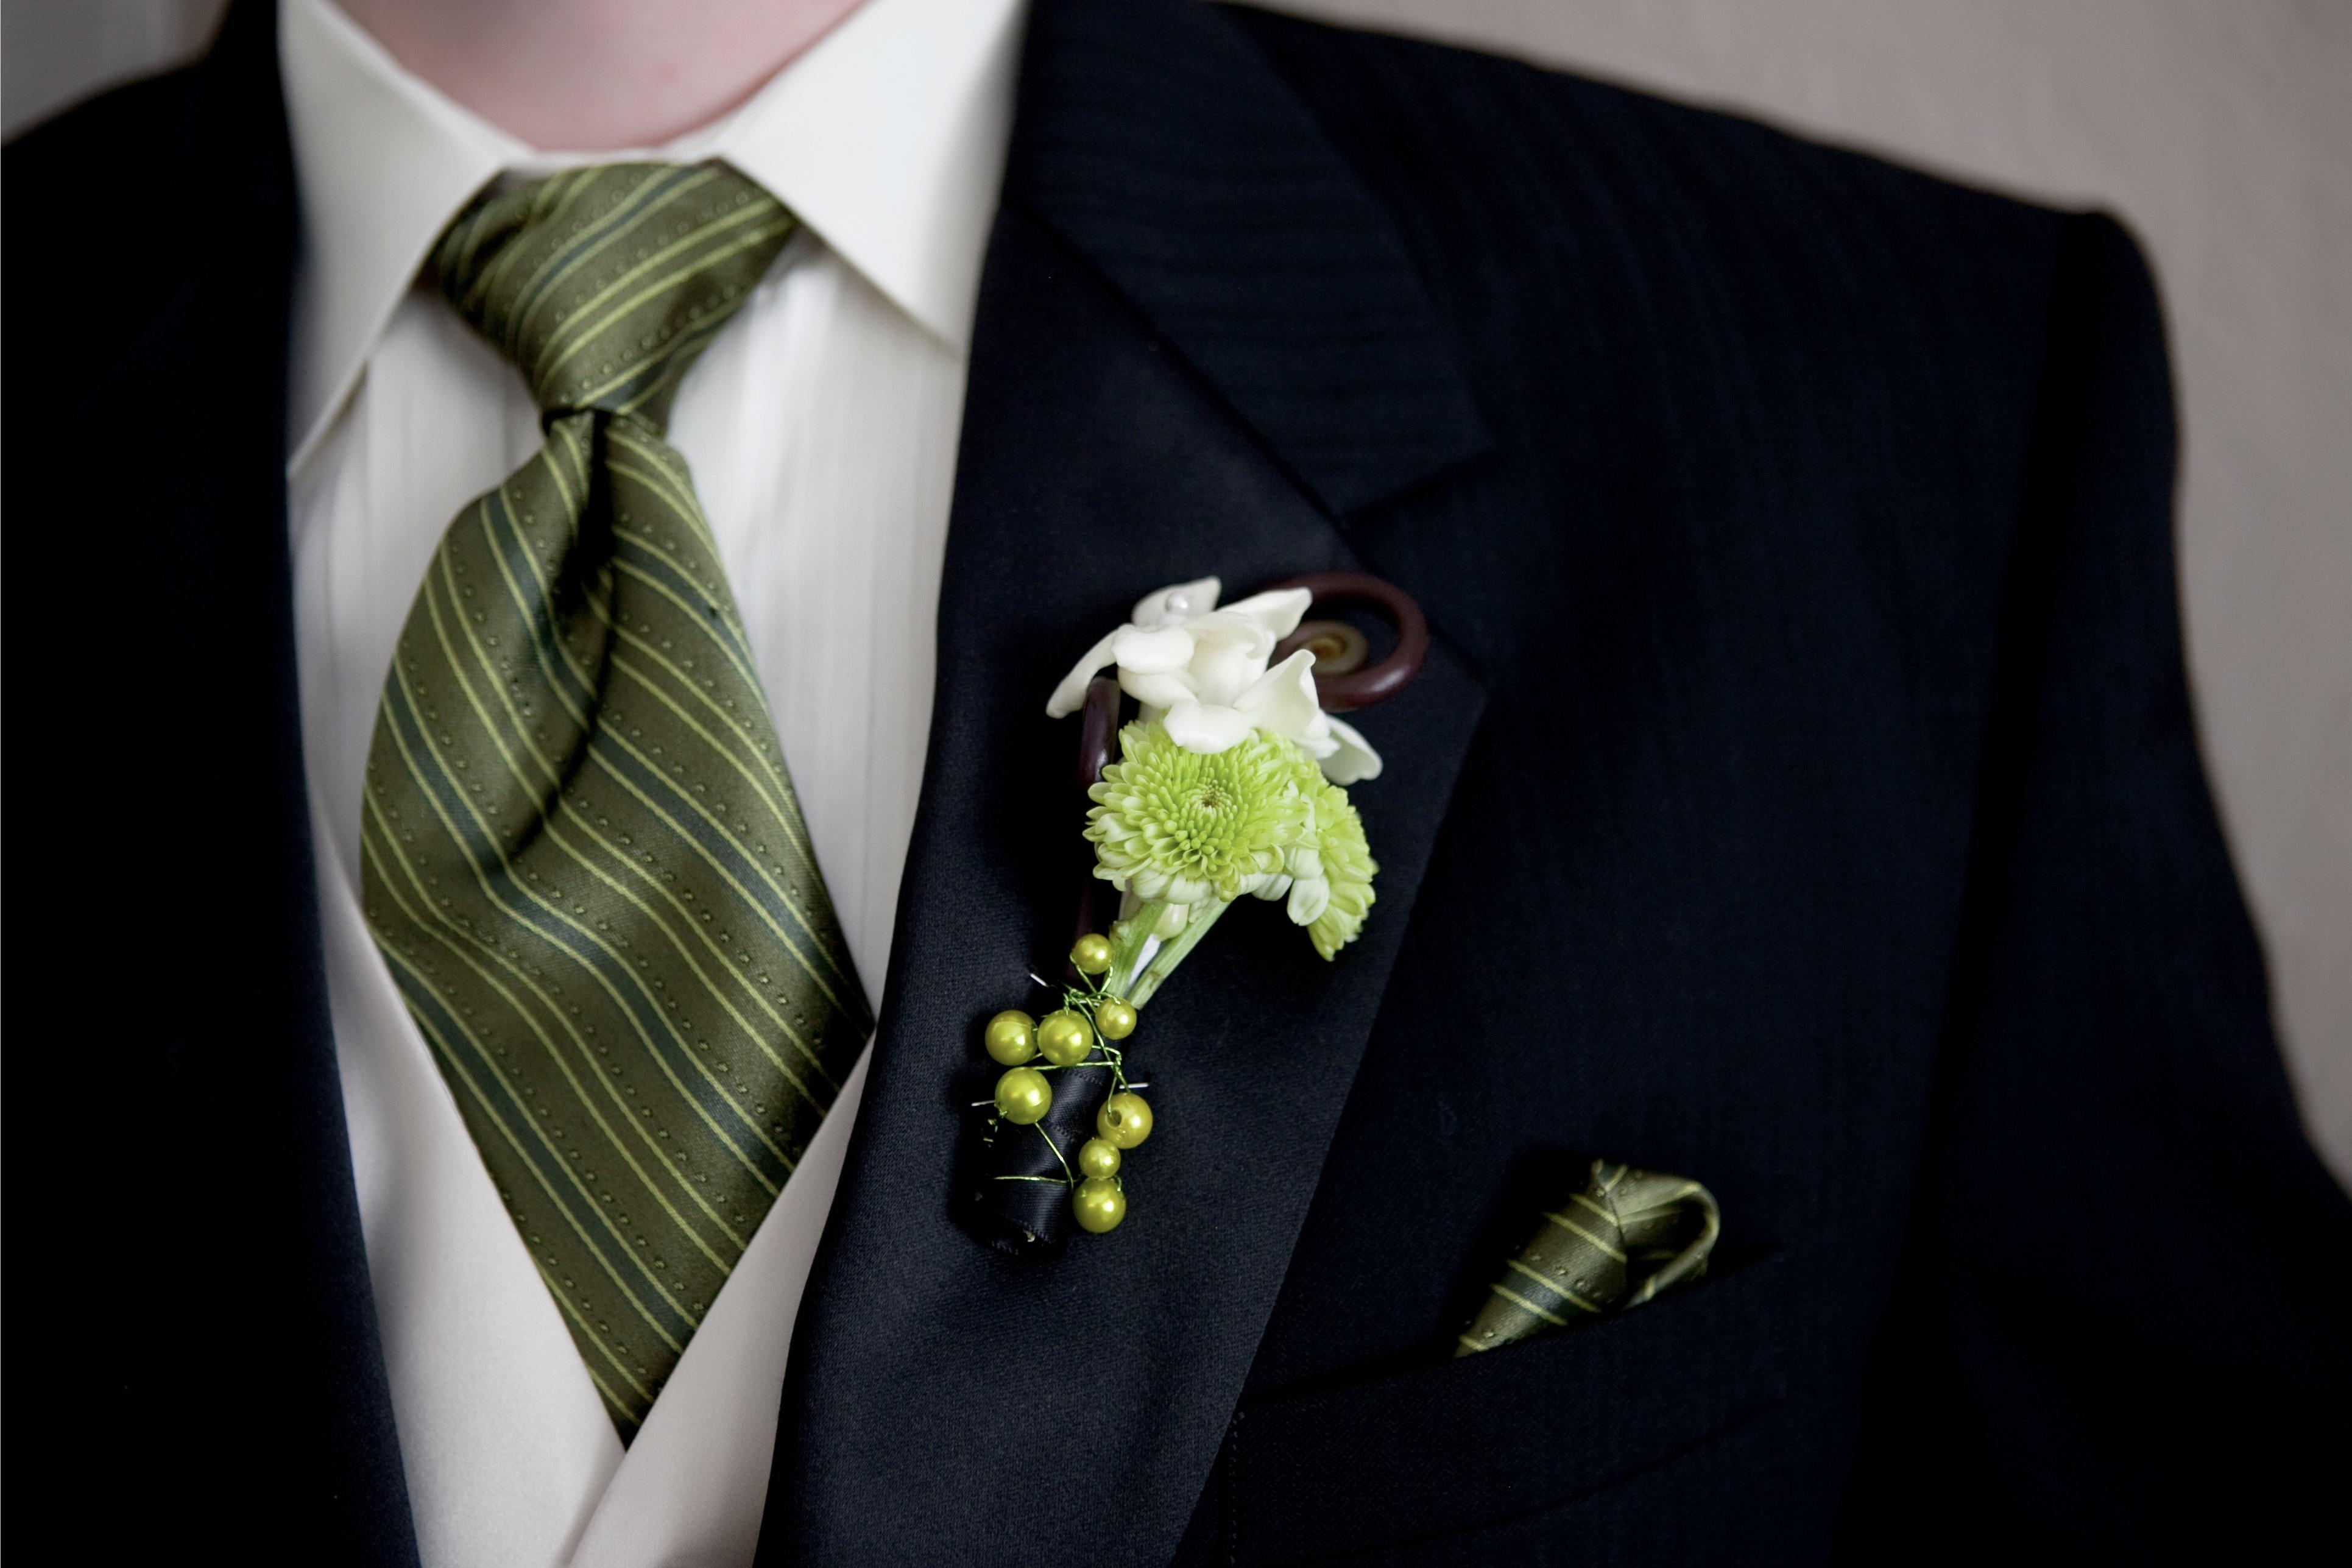 Wedding Flower Ideas For Groomsmen : Tips ideas for the groom s flowers las vegas wedding